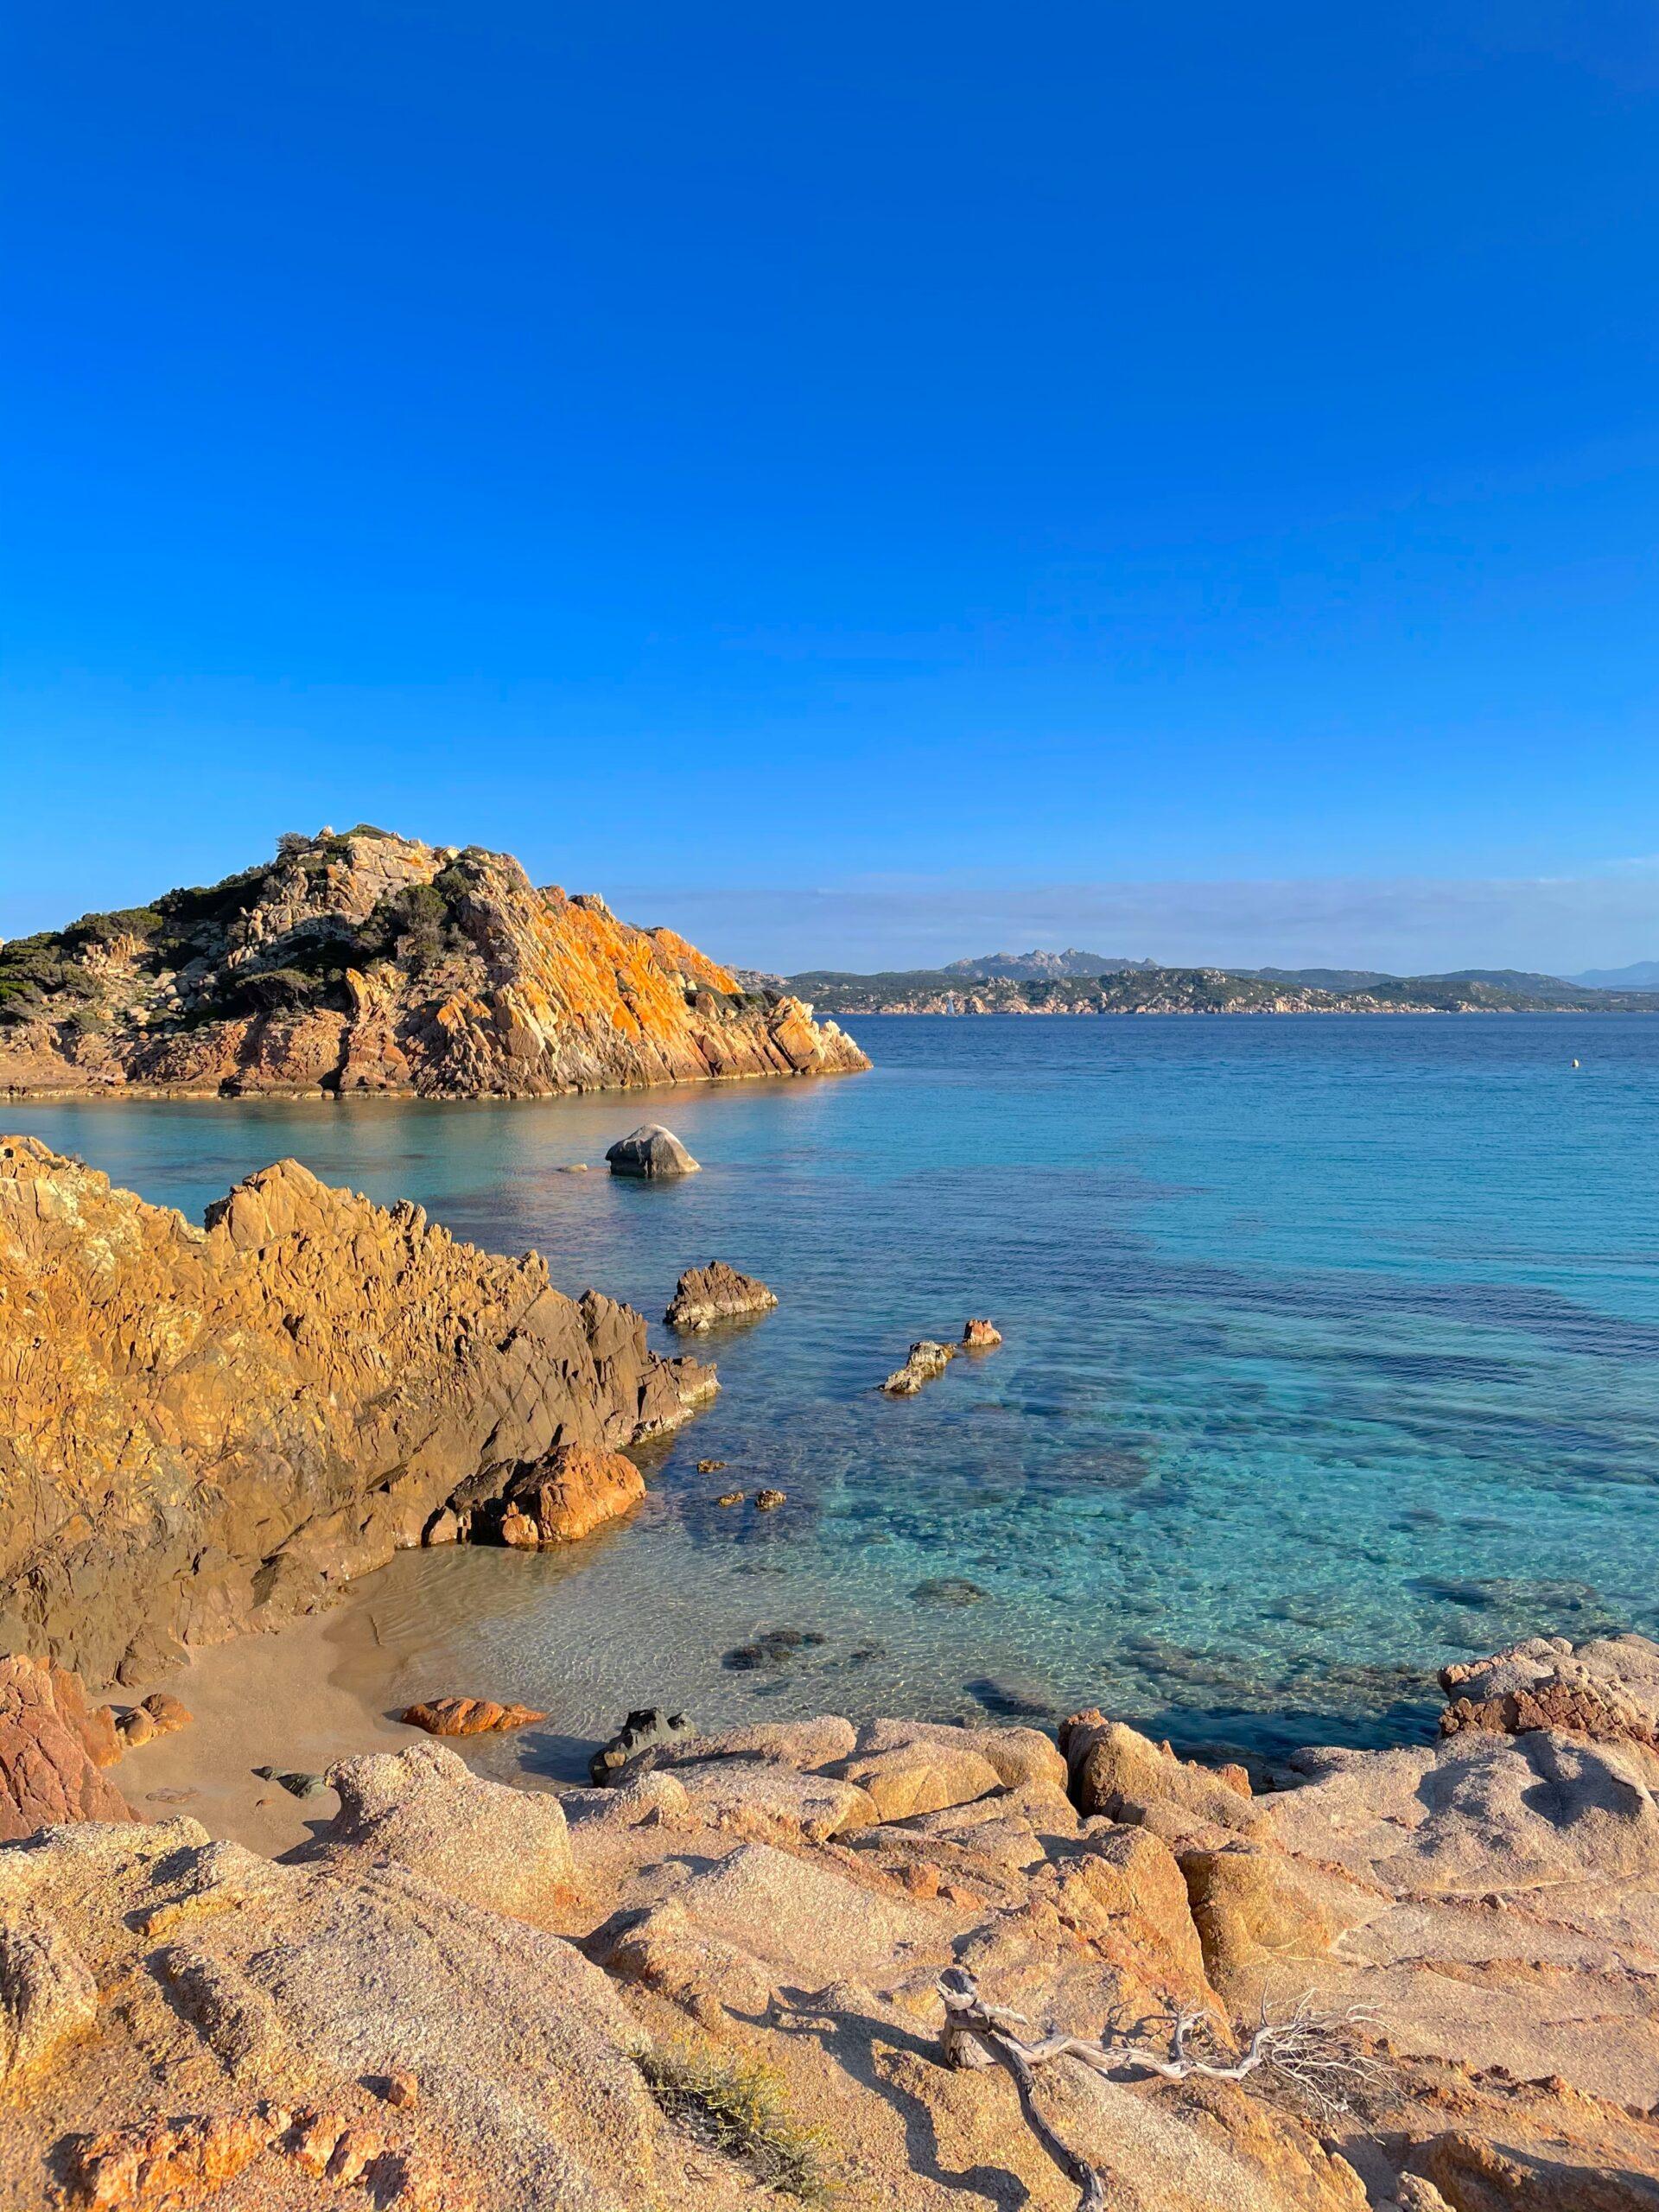 veduta di scoglio e spiaggia con acqua cristallina